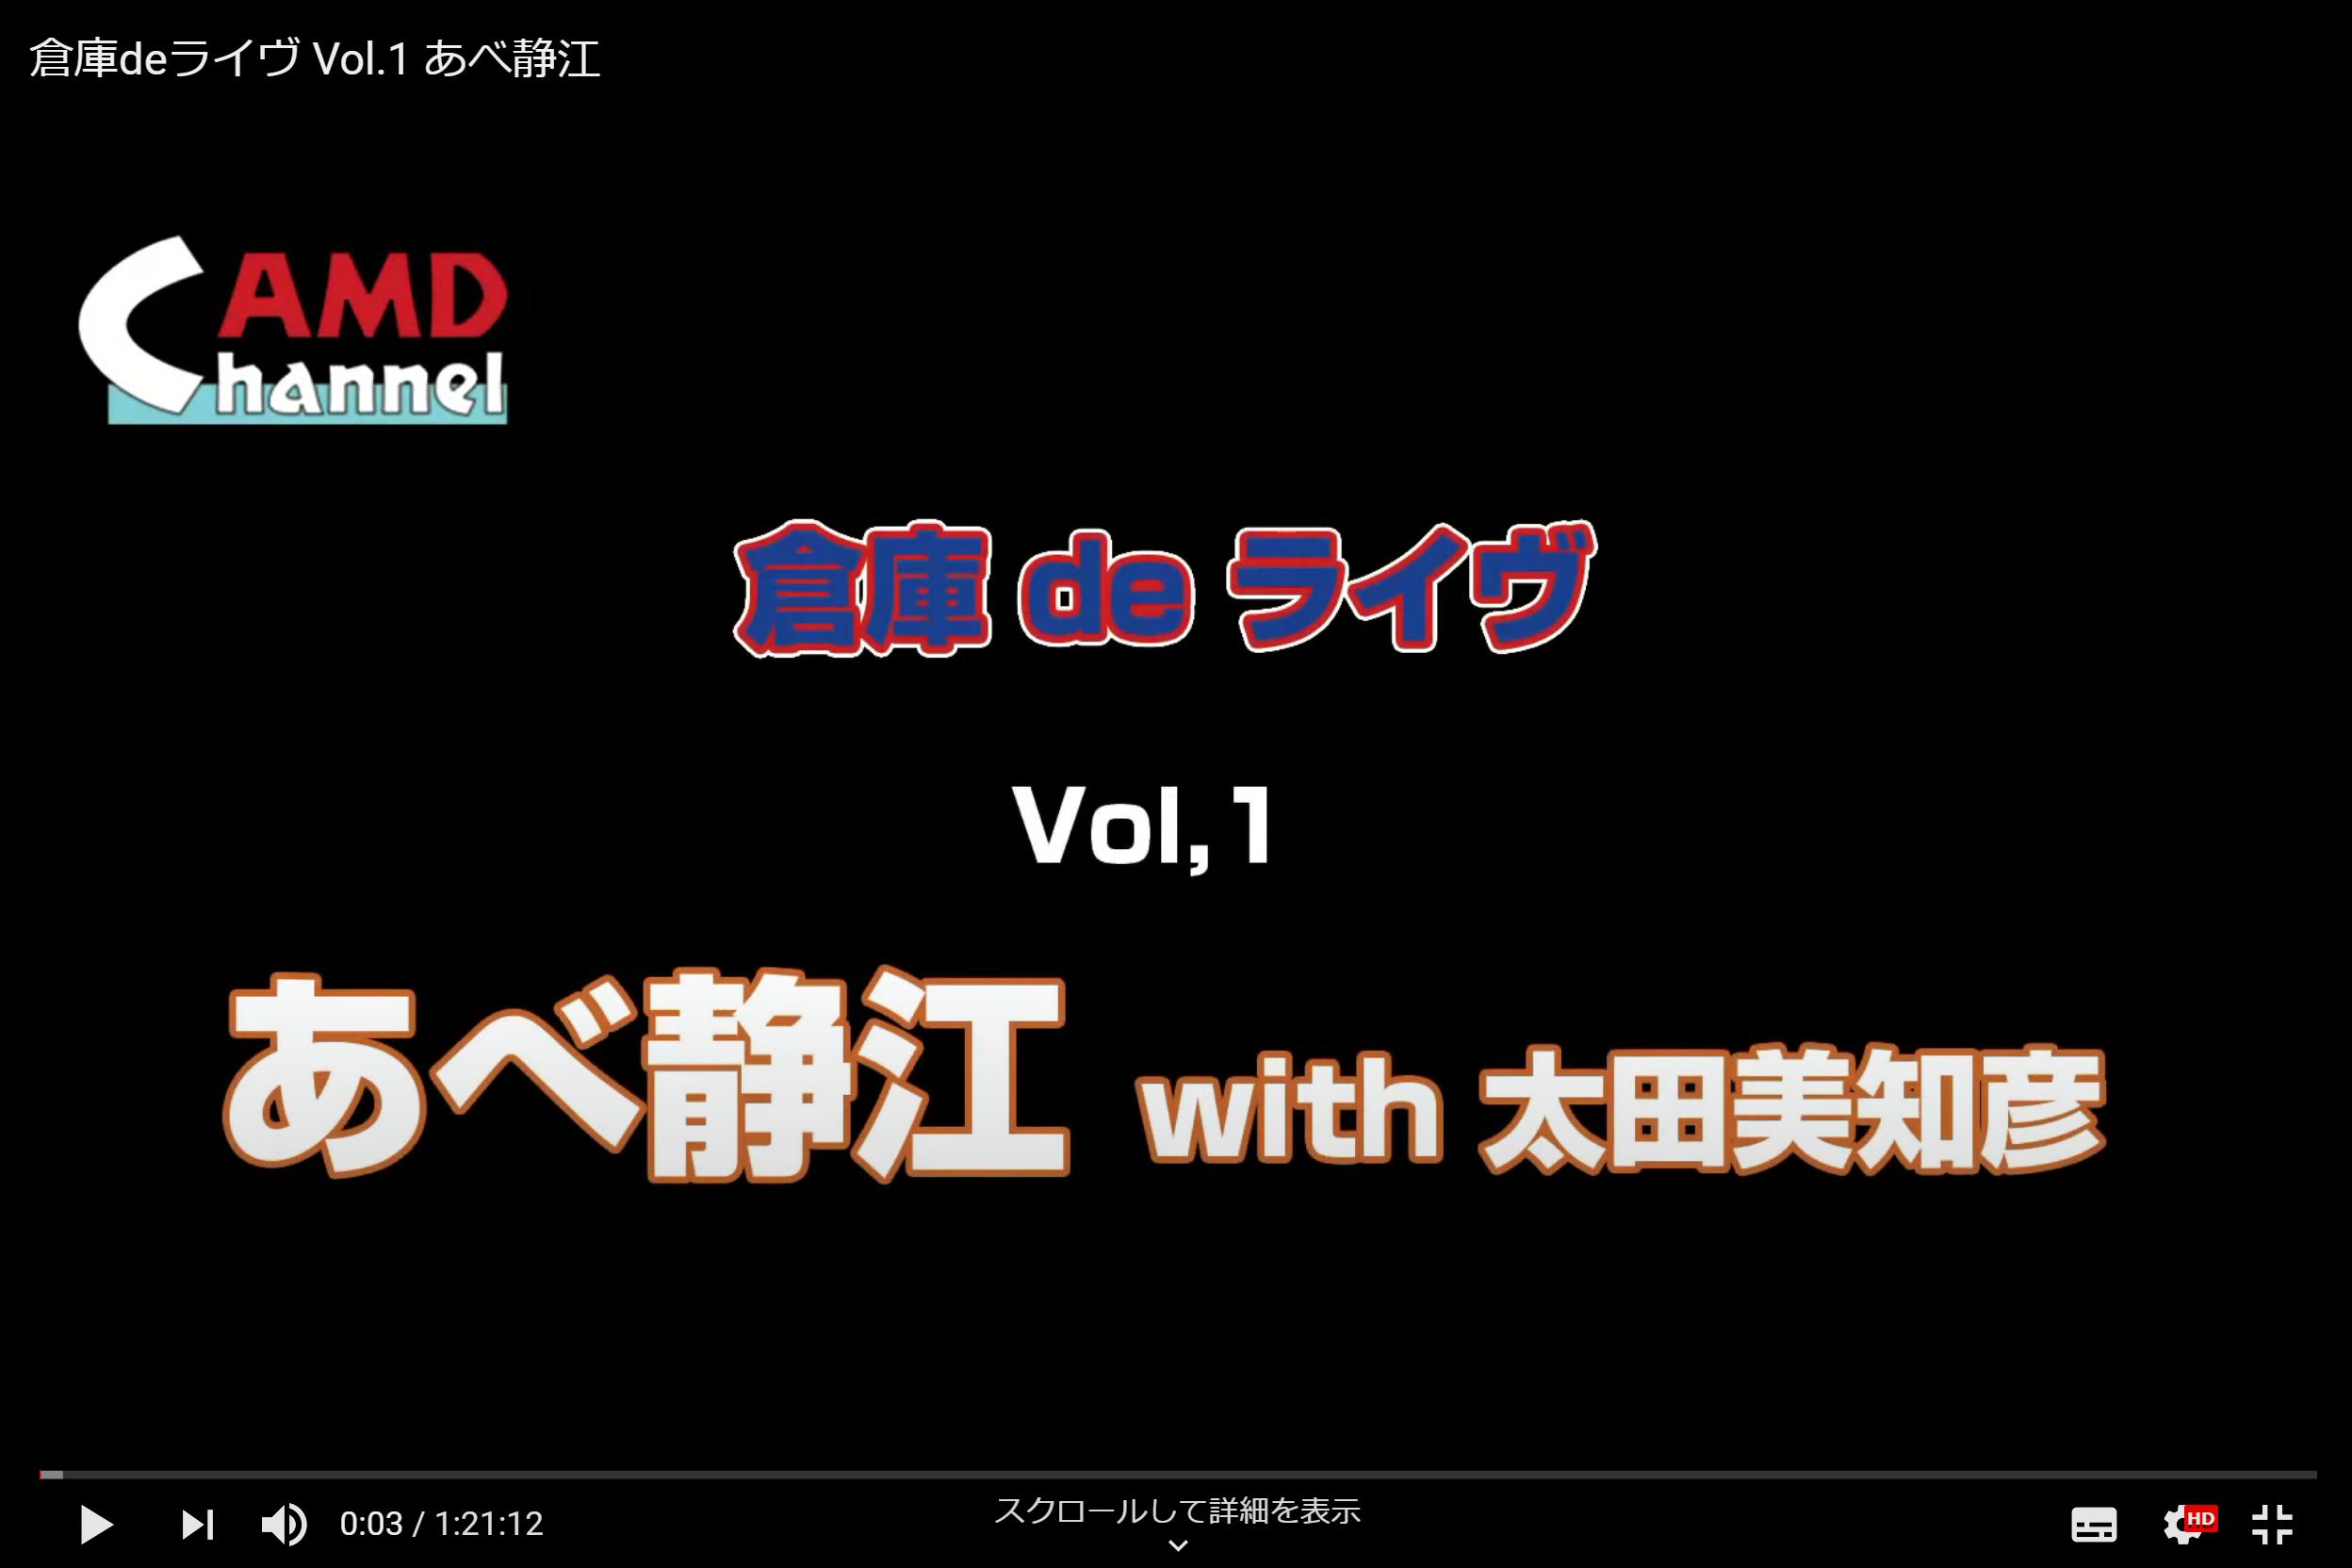 倉庫deライヴ Vol.1 あべ静江【DVD】